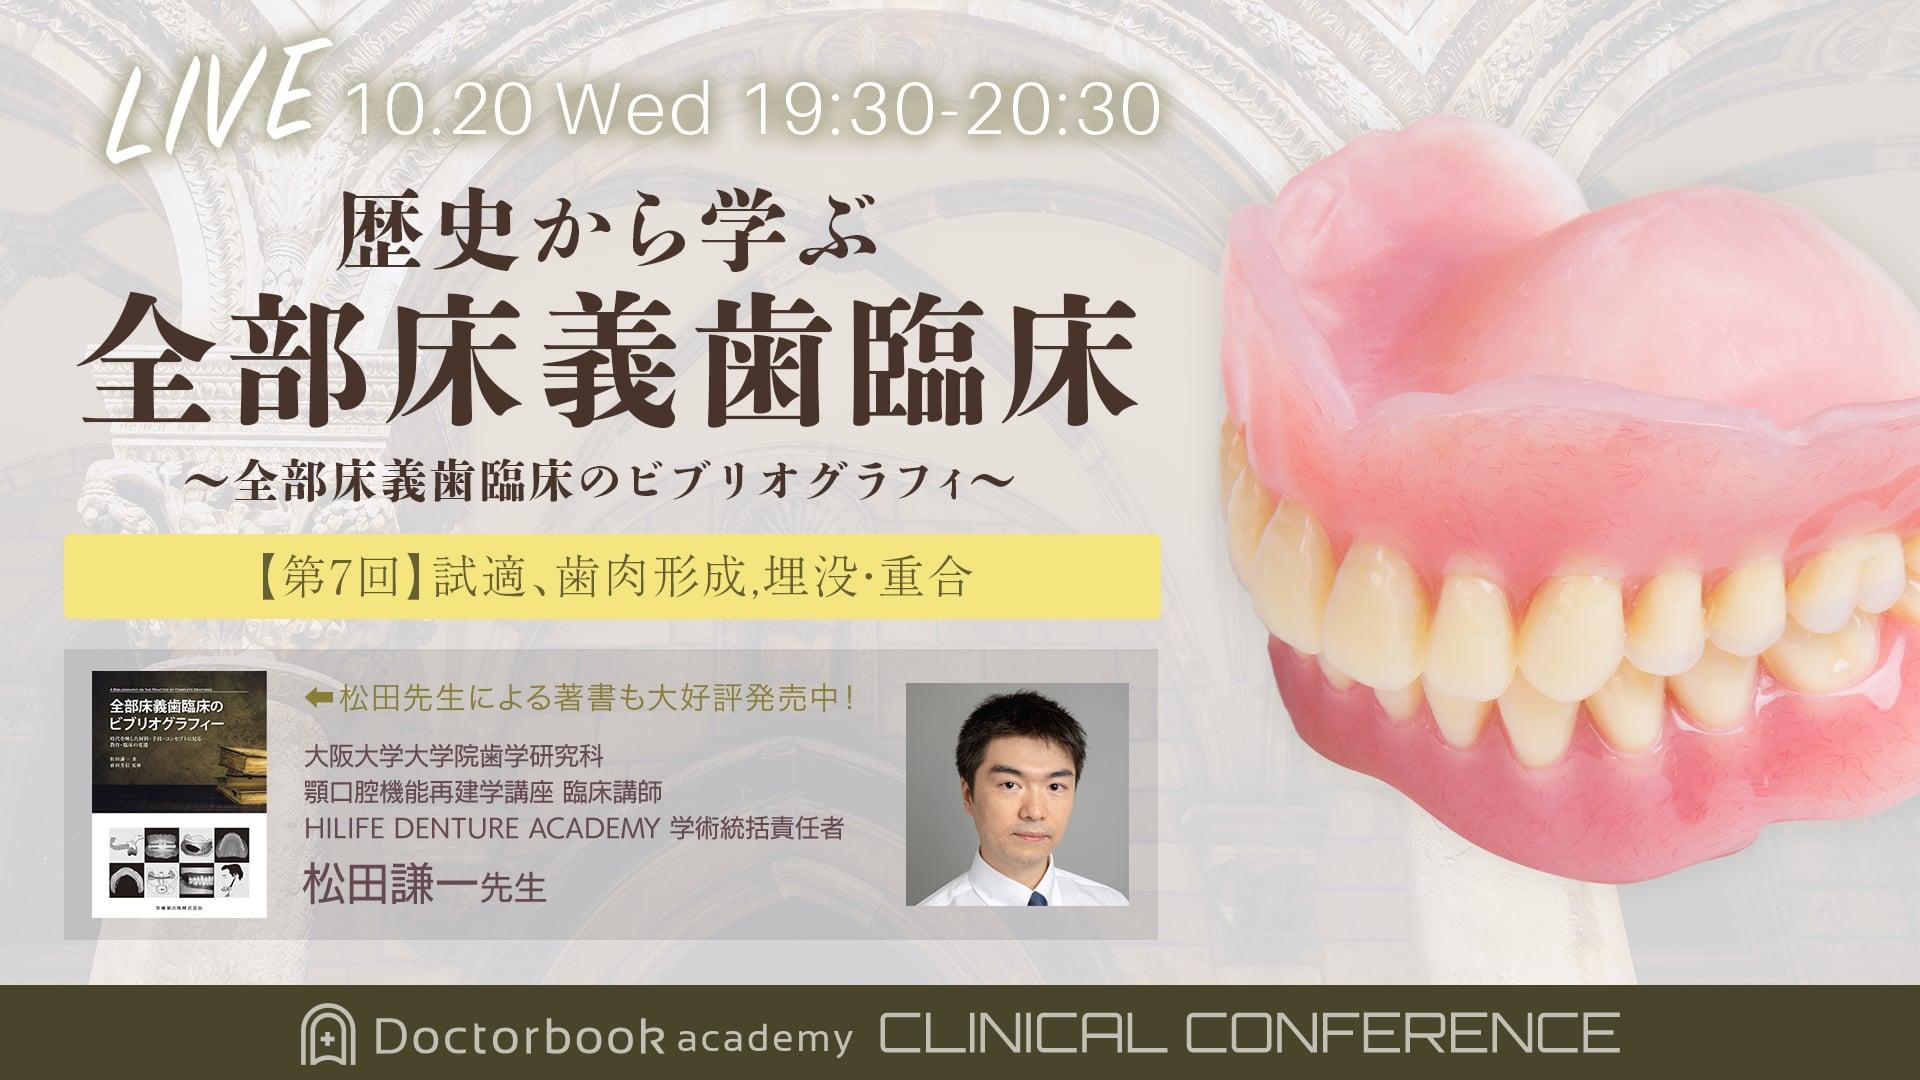 歴史から学ぶ全部床義歯臨床 〜全部床義歯臨床のビブリオグラフィ〜  第7回 試適、歯肉形成,埋没・重合